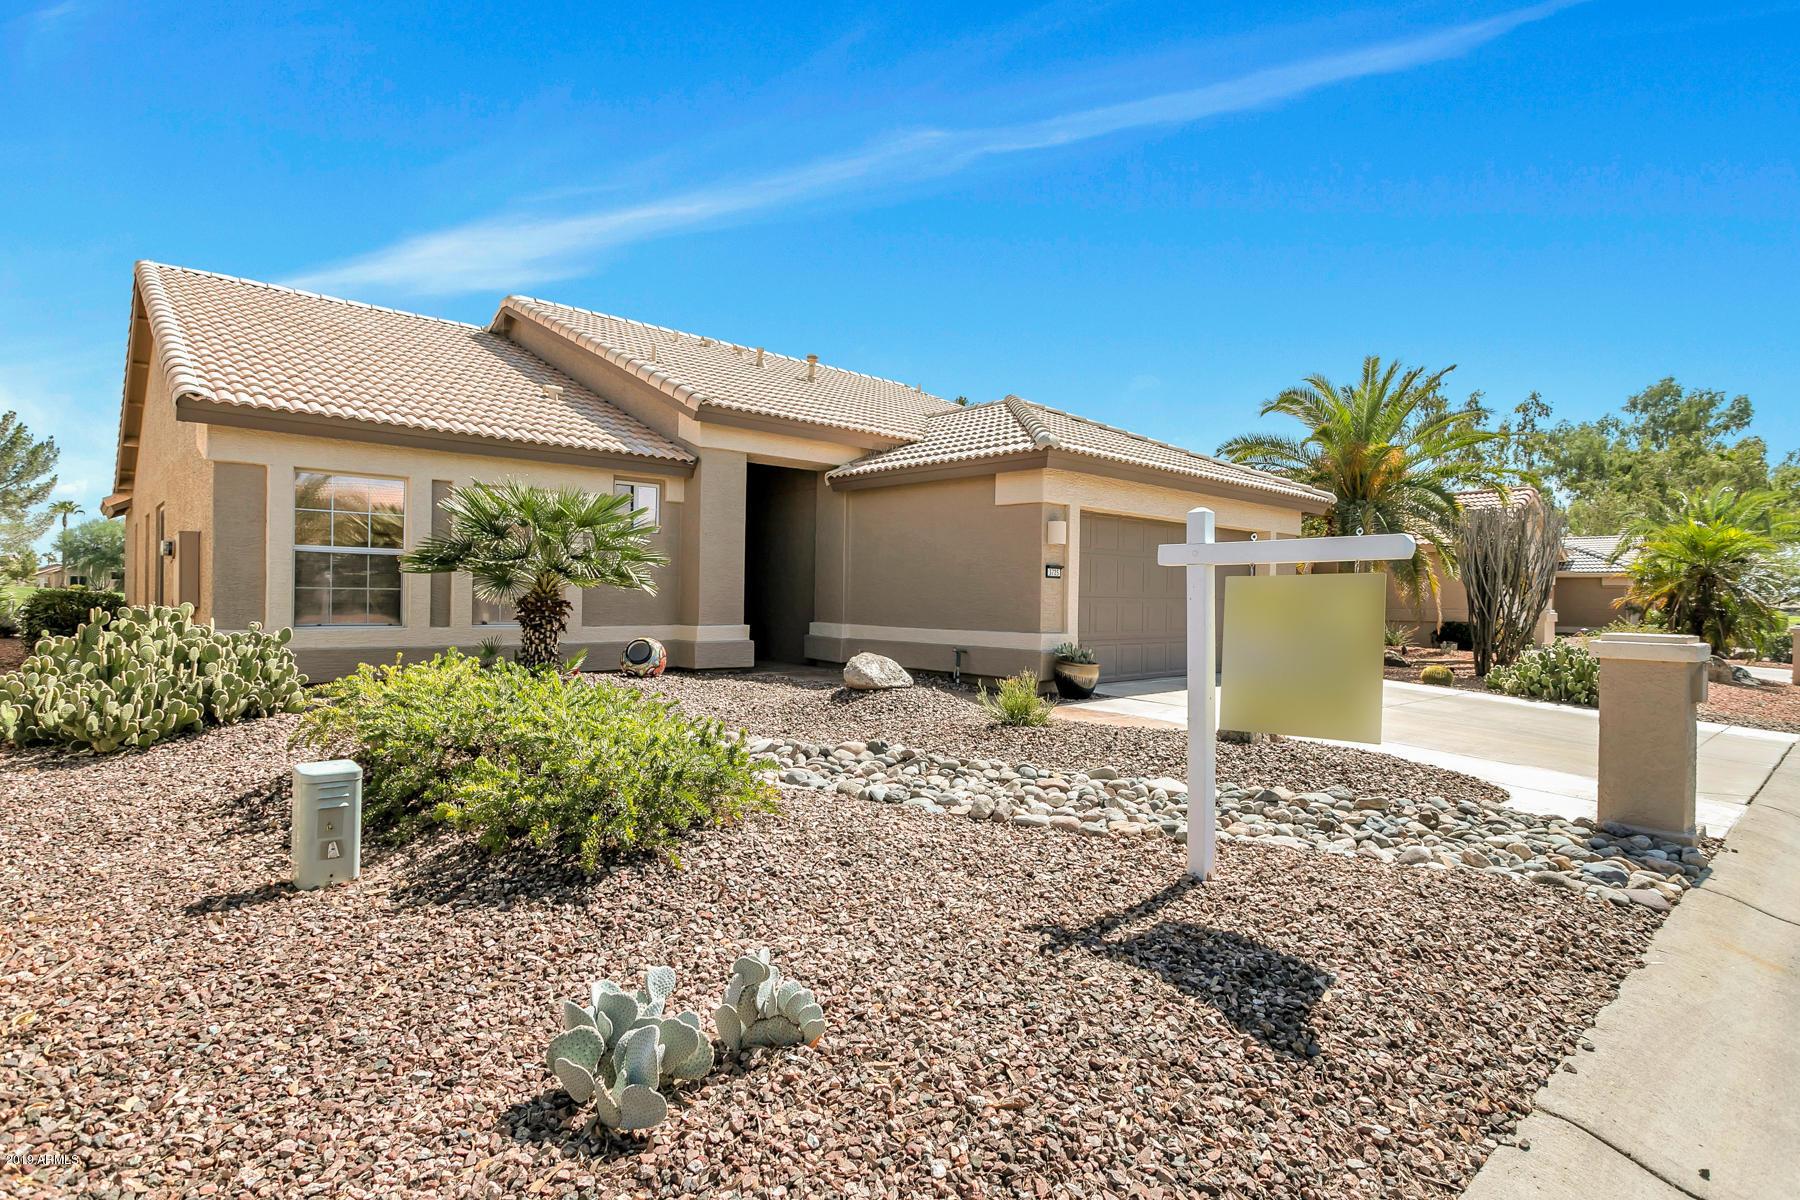 Photo of 3725 N 150TH Lane, Goodyear, AZ 85395